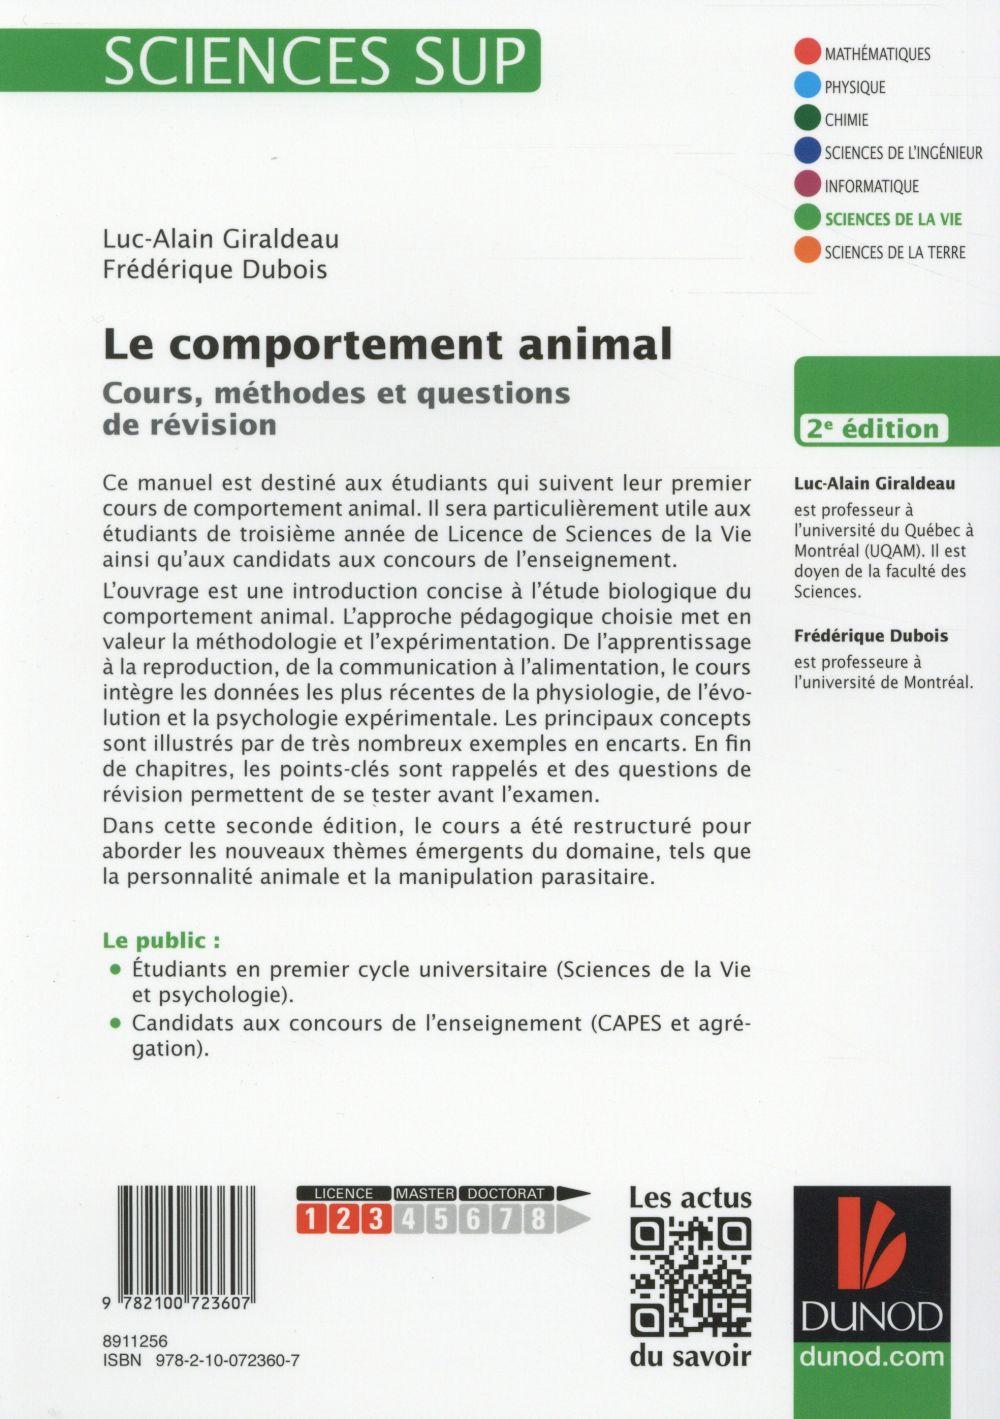 le comportement animal ; cours, méthodes et questions de révision (2e édition)